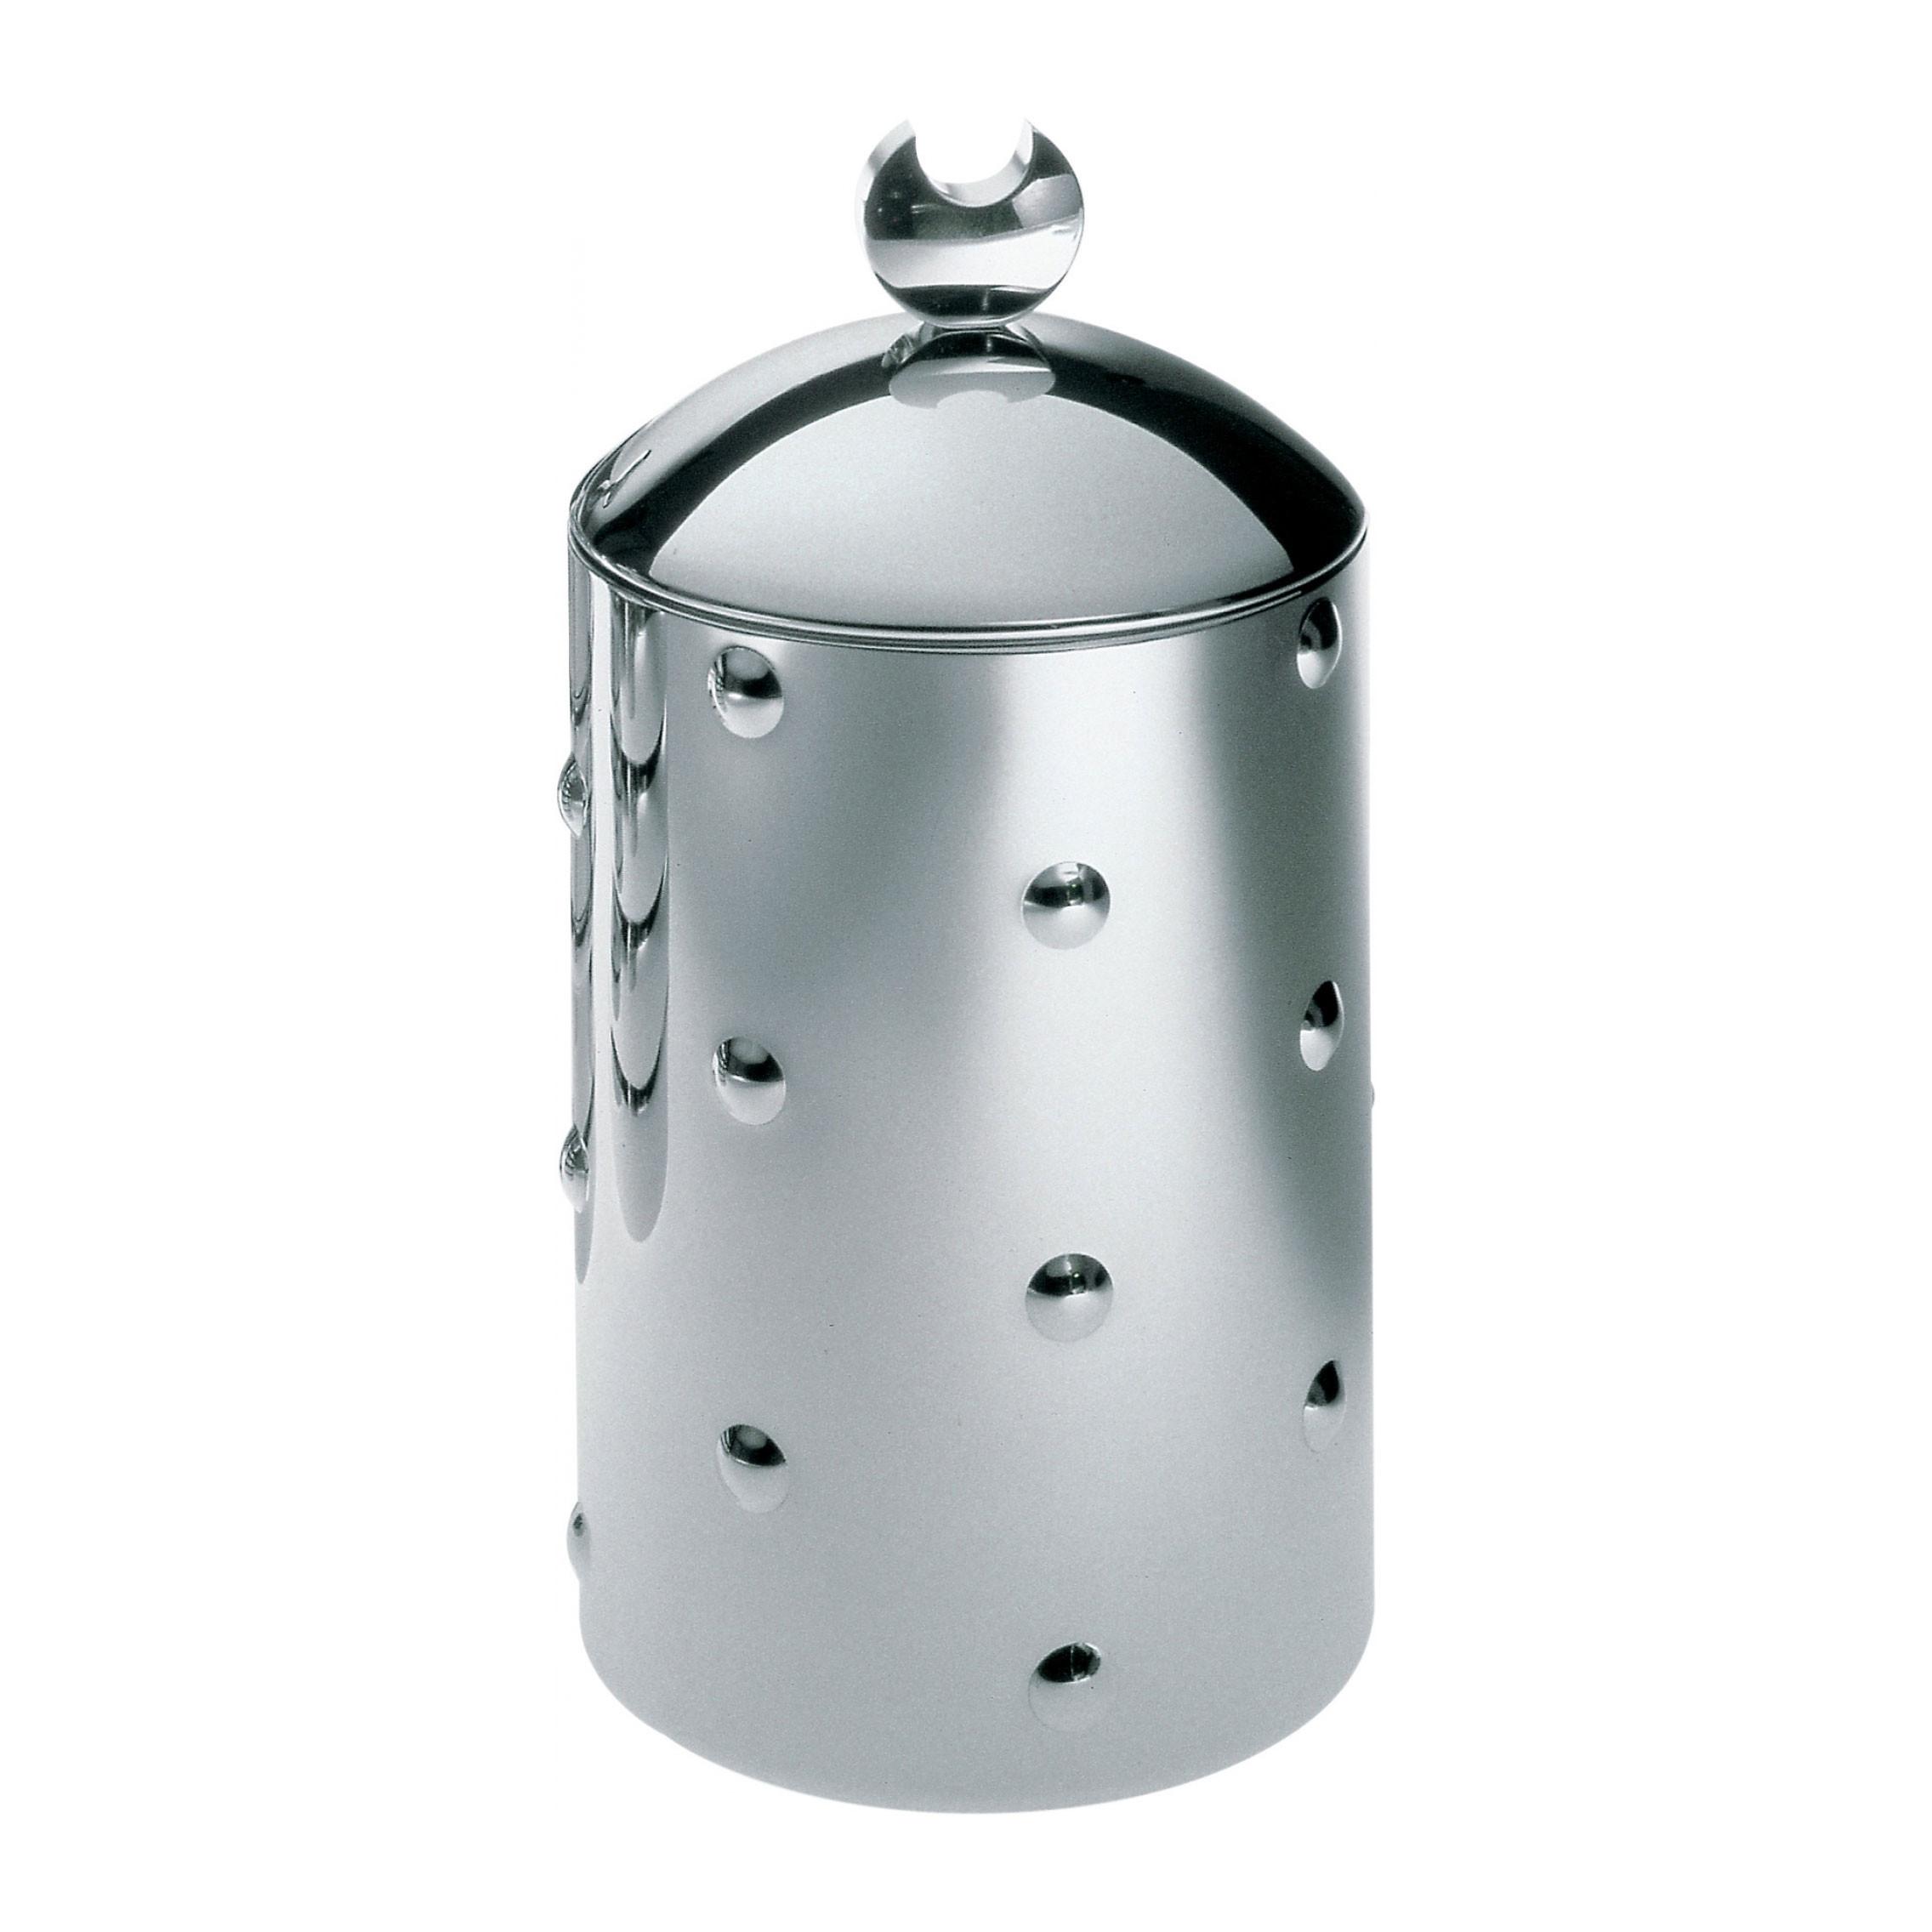 Barattolo qlessi in acciaio 1 collezione kalist for Barattoli alessi vendita online